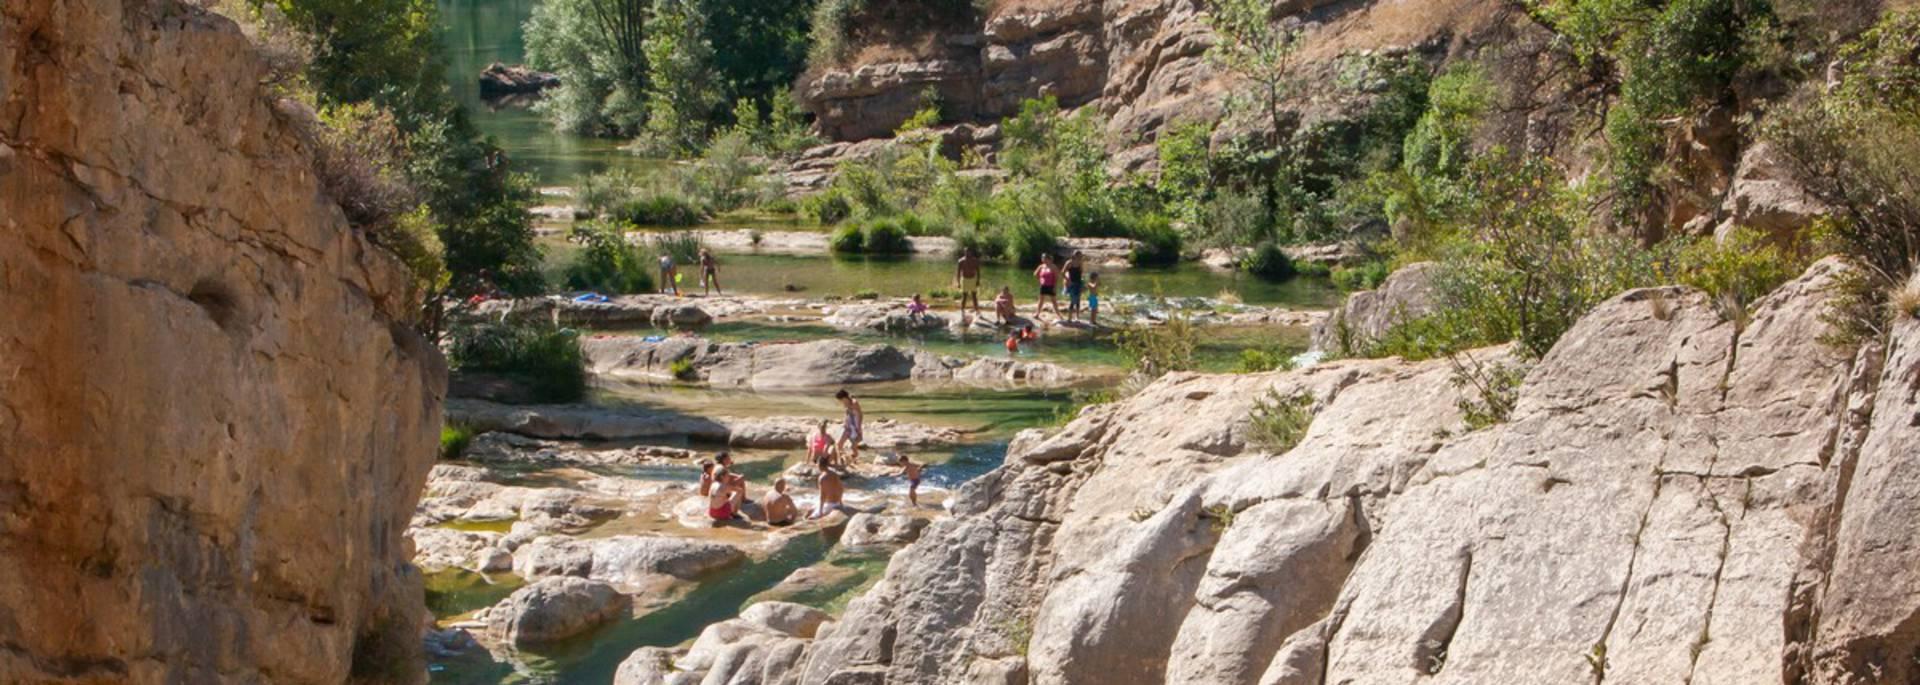 Die Wasserfälle von Verdouble